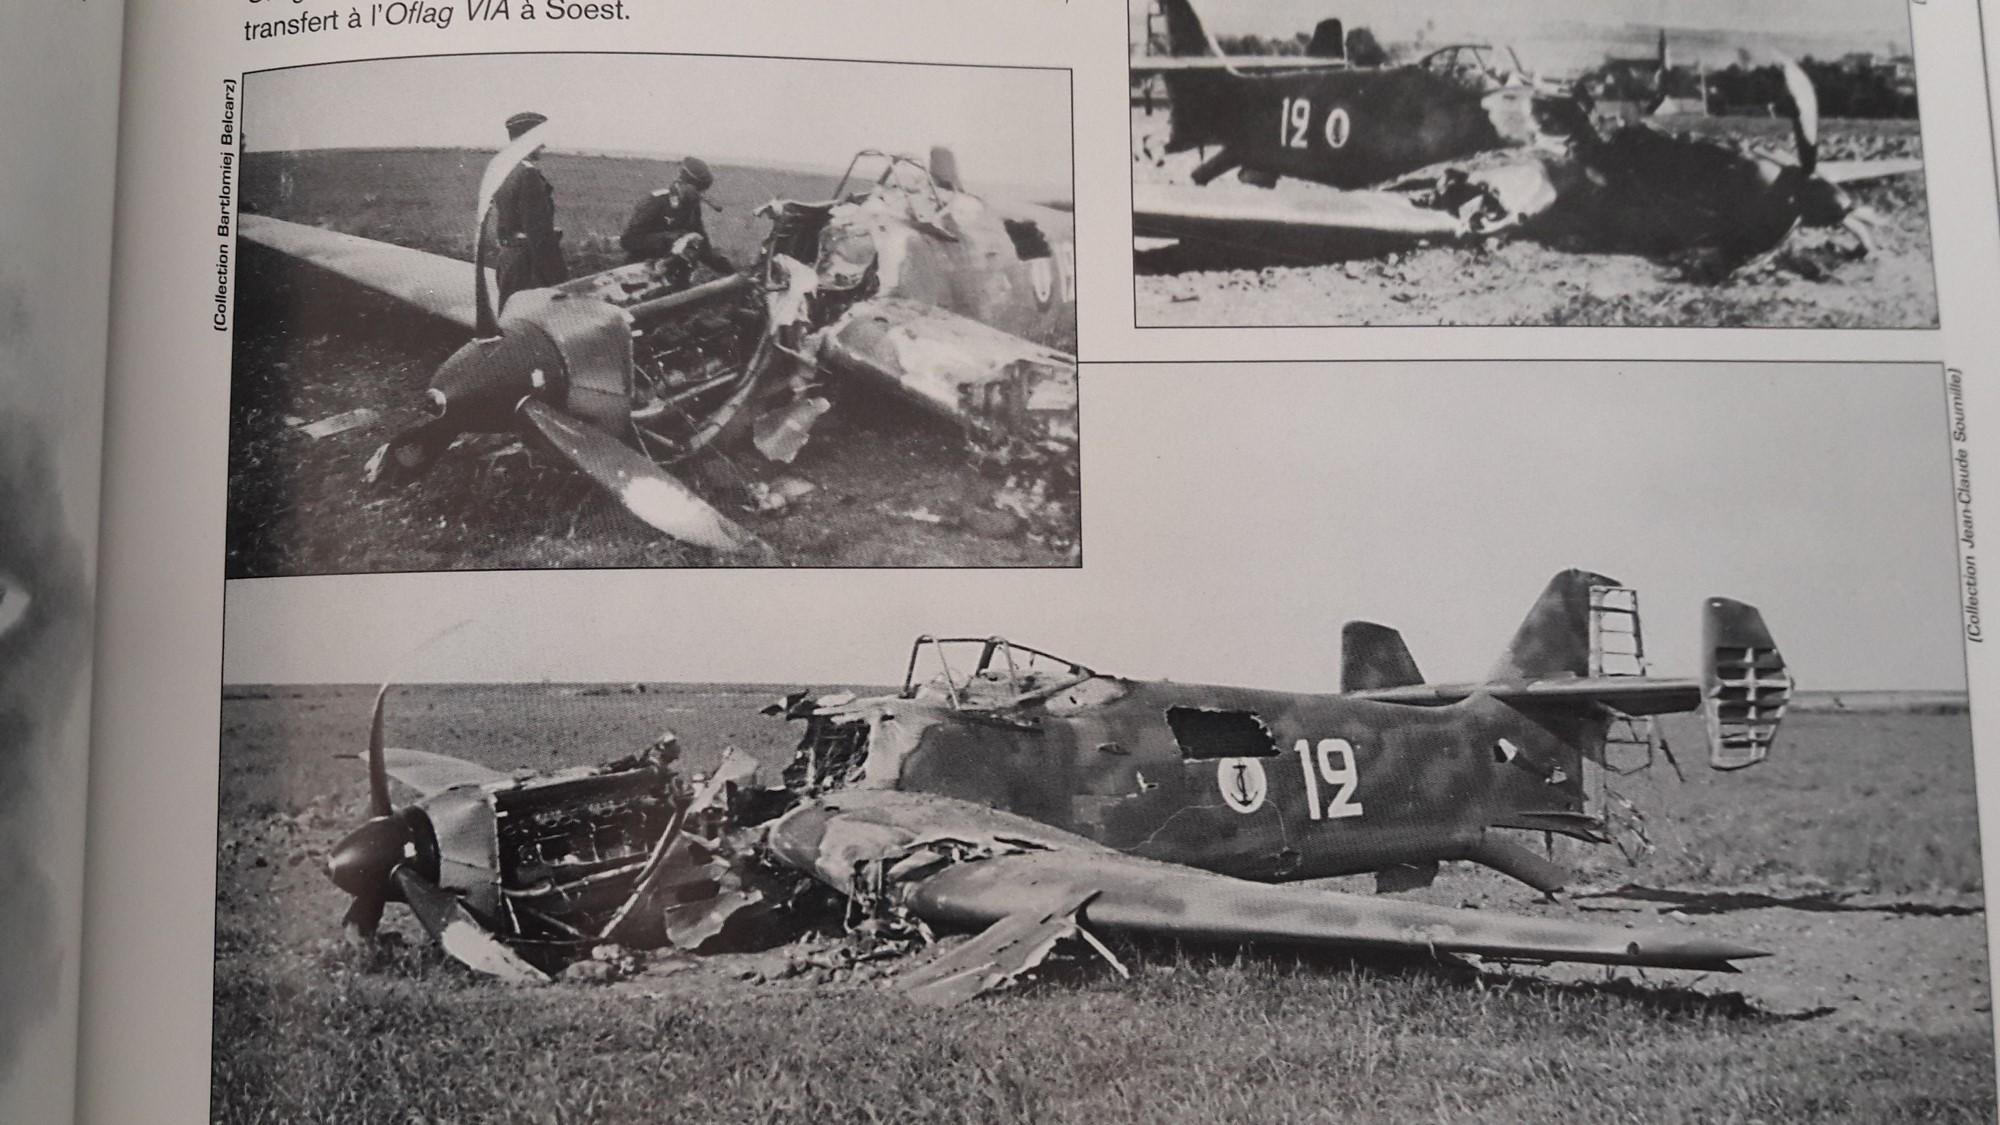 [Concours Aéronavale] Loire Nieuport 401/411 -  Special hobby 1/48 - crash à Villereau -le sacrifice des marins aviateurs du 19 mai 1940 - Mission Berlaimont  Image631